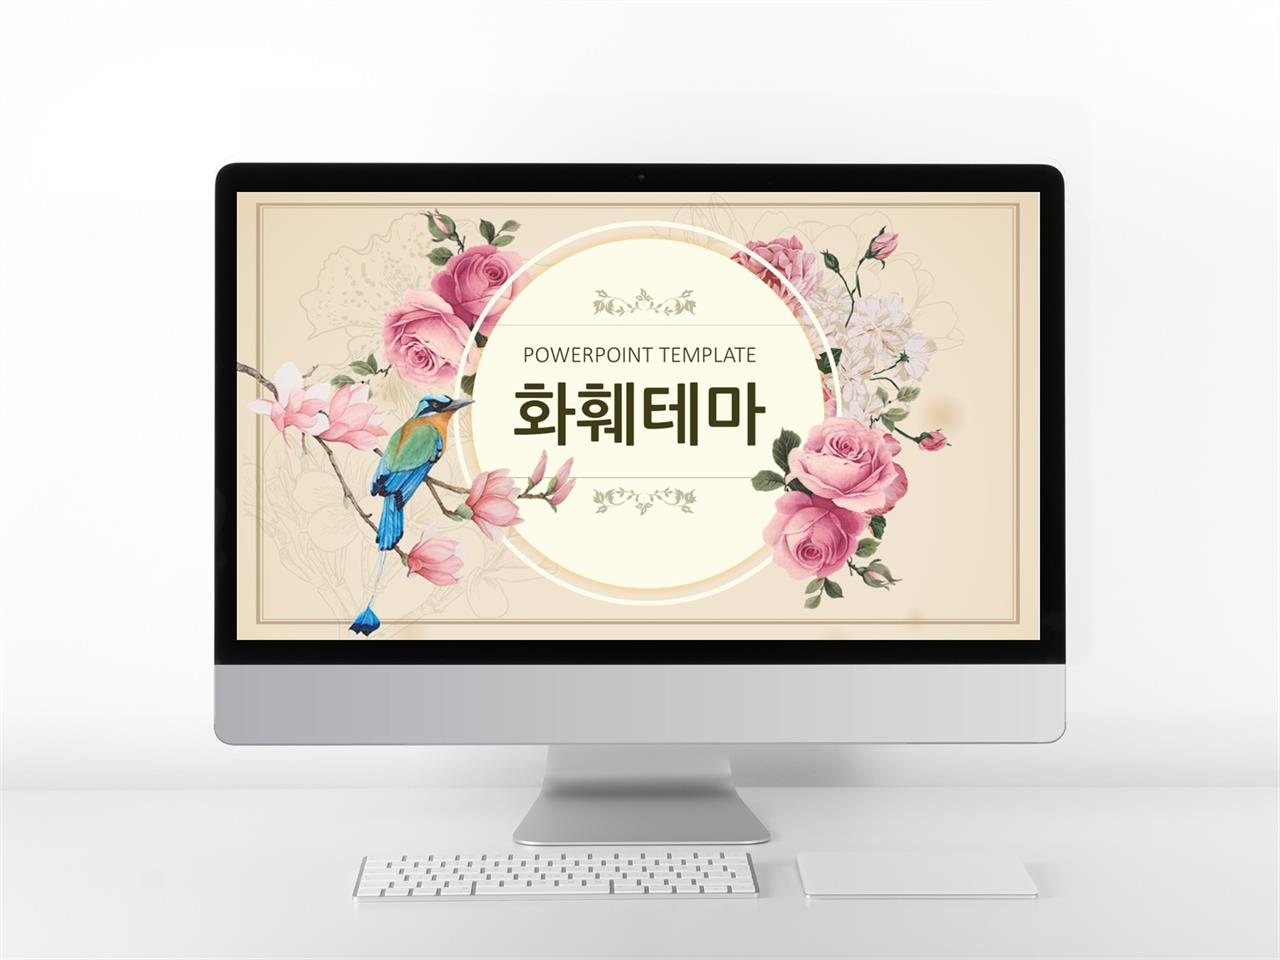 식물동물 핑크색 단아한 마음을 사로잡는 파워포인트탬플릿 다운 미리보기